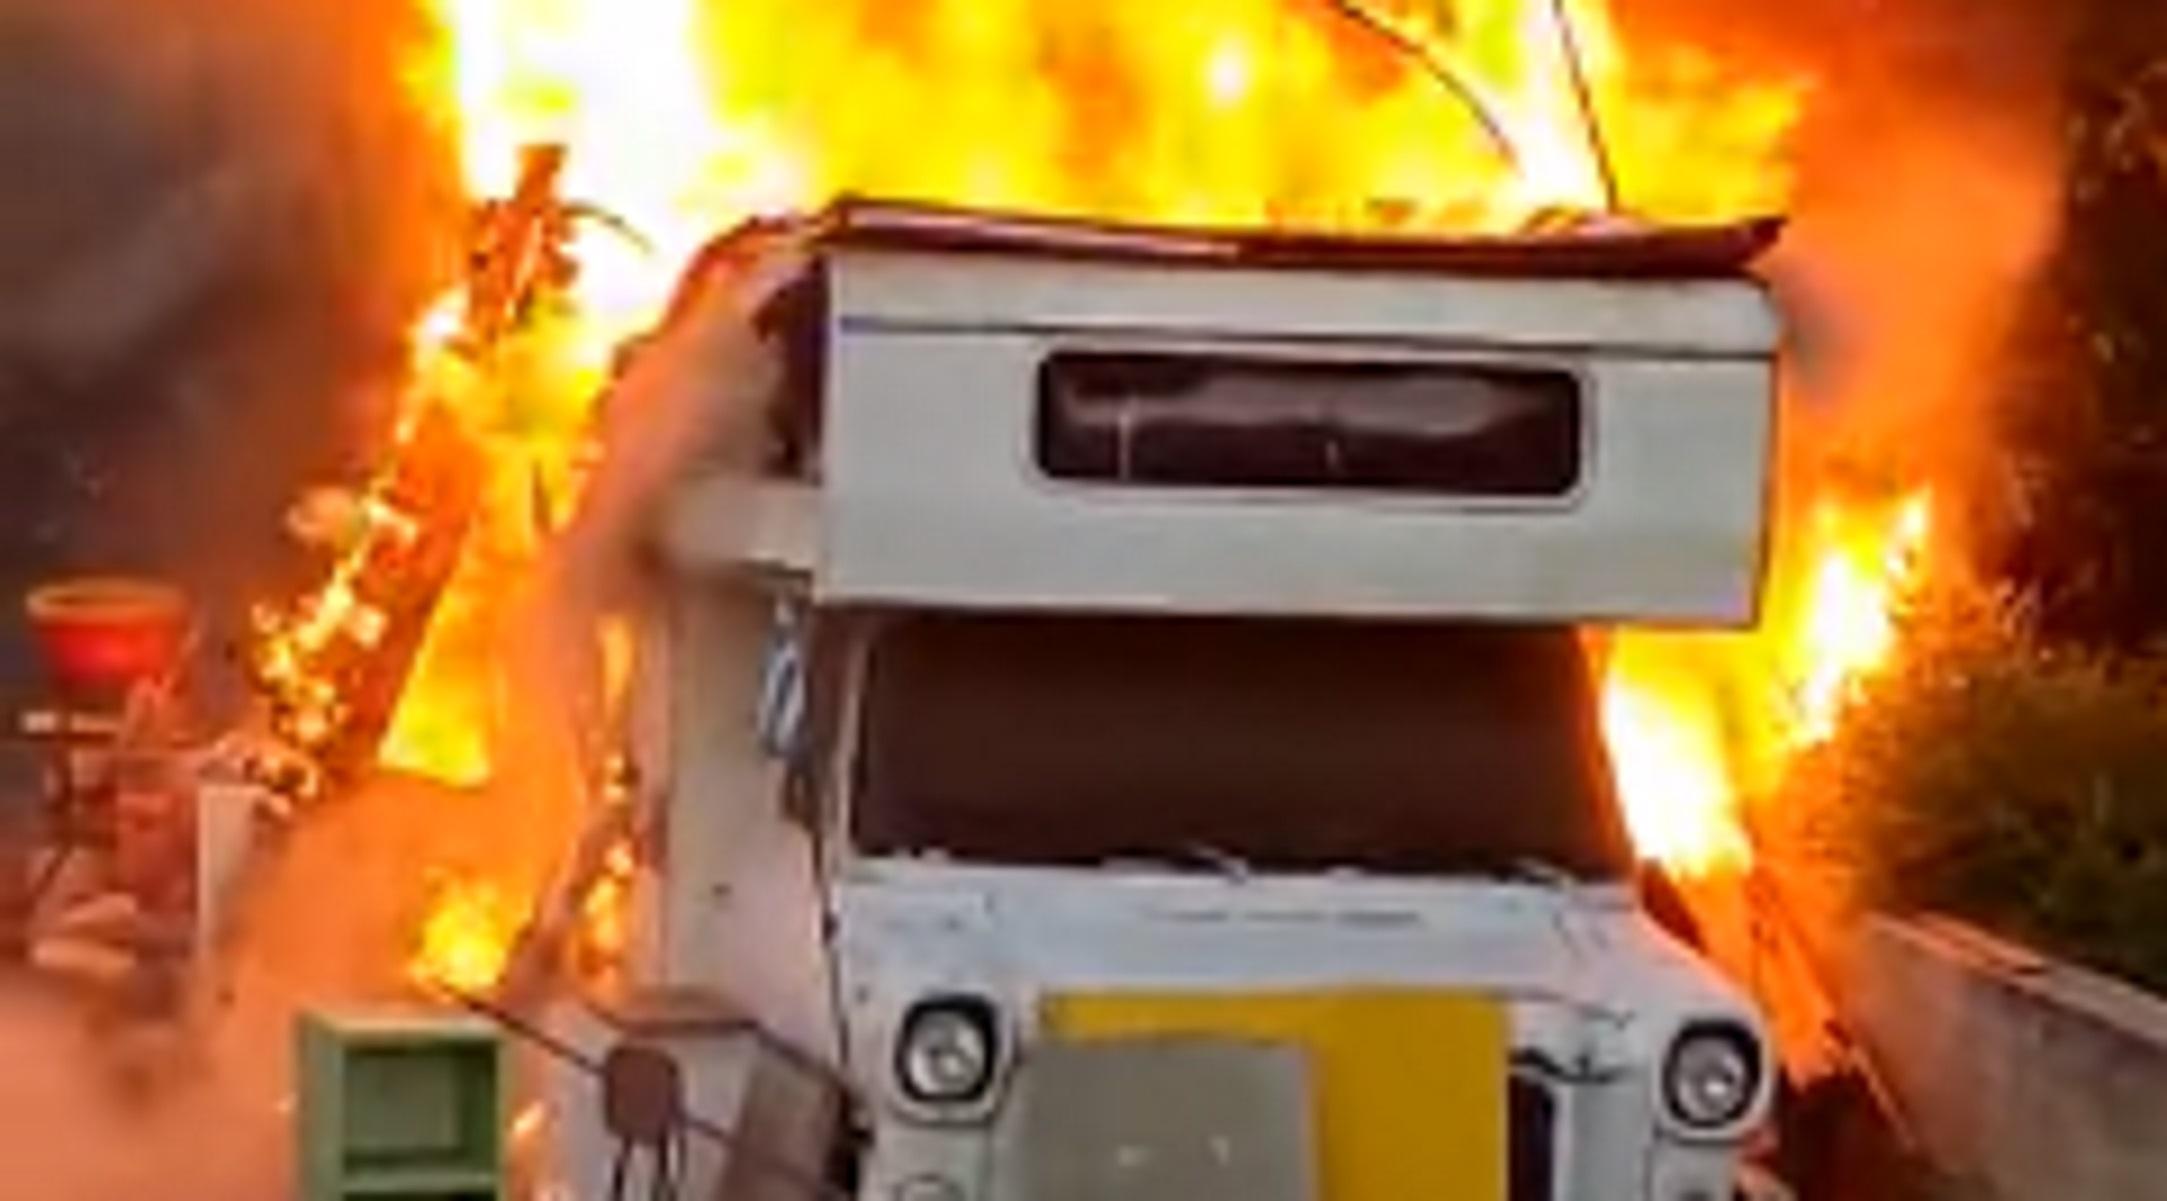 Φωτιά έξω από το Παγκρήτιο Στάδιο – Στις φλόγες τυλίχτηκε τροχόσπιτο